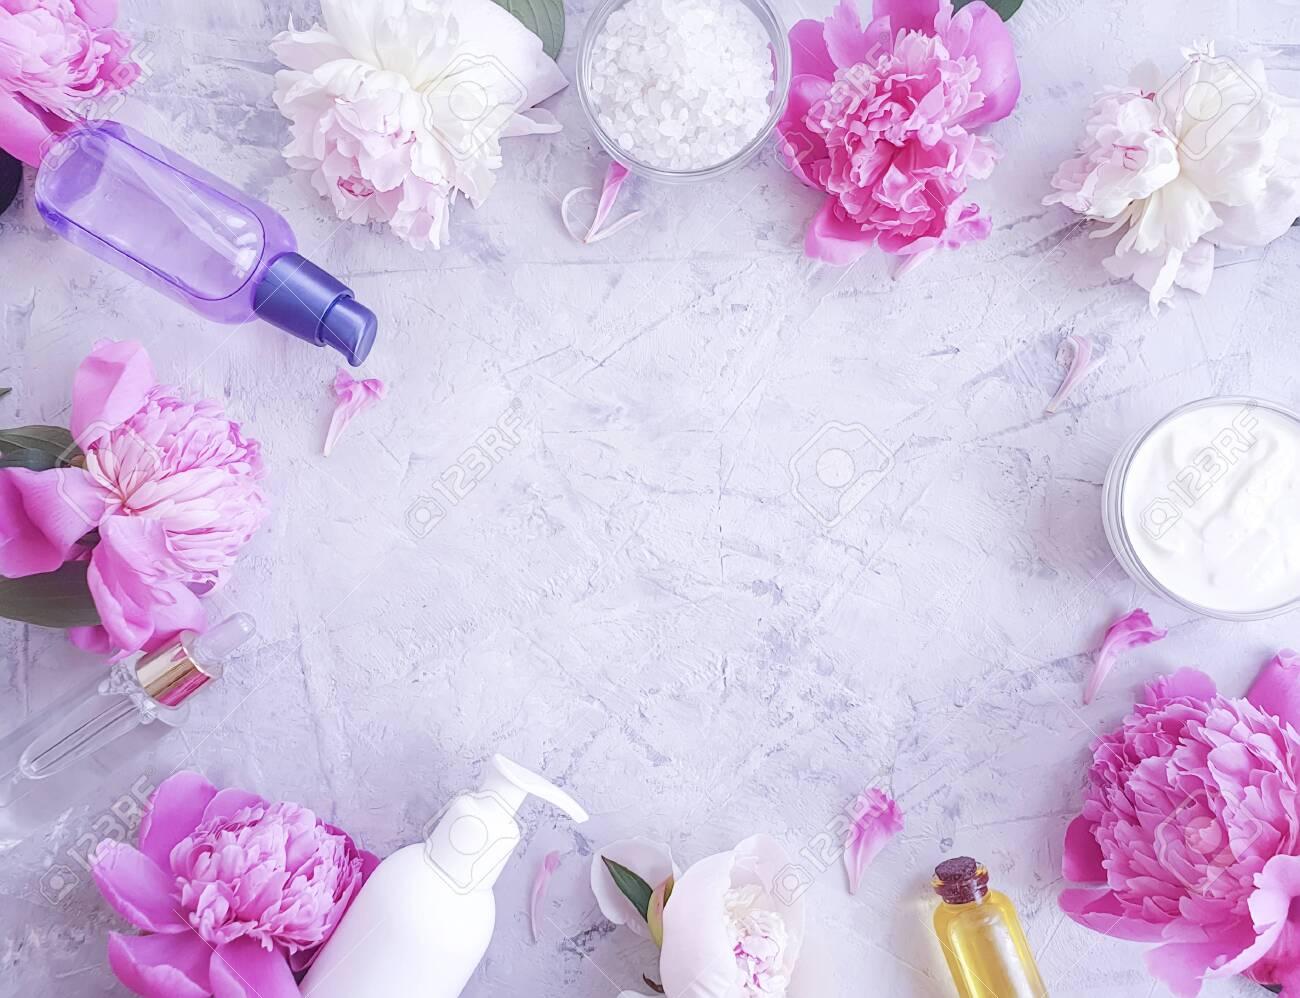 cream cosmetic peony - 128916321